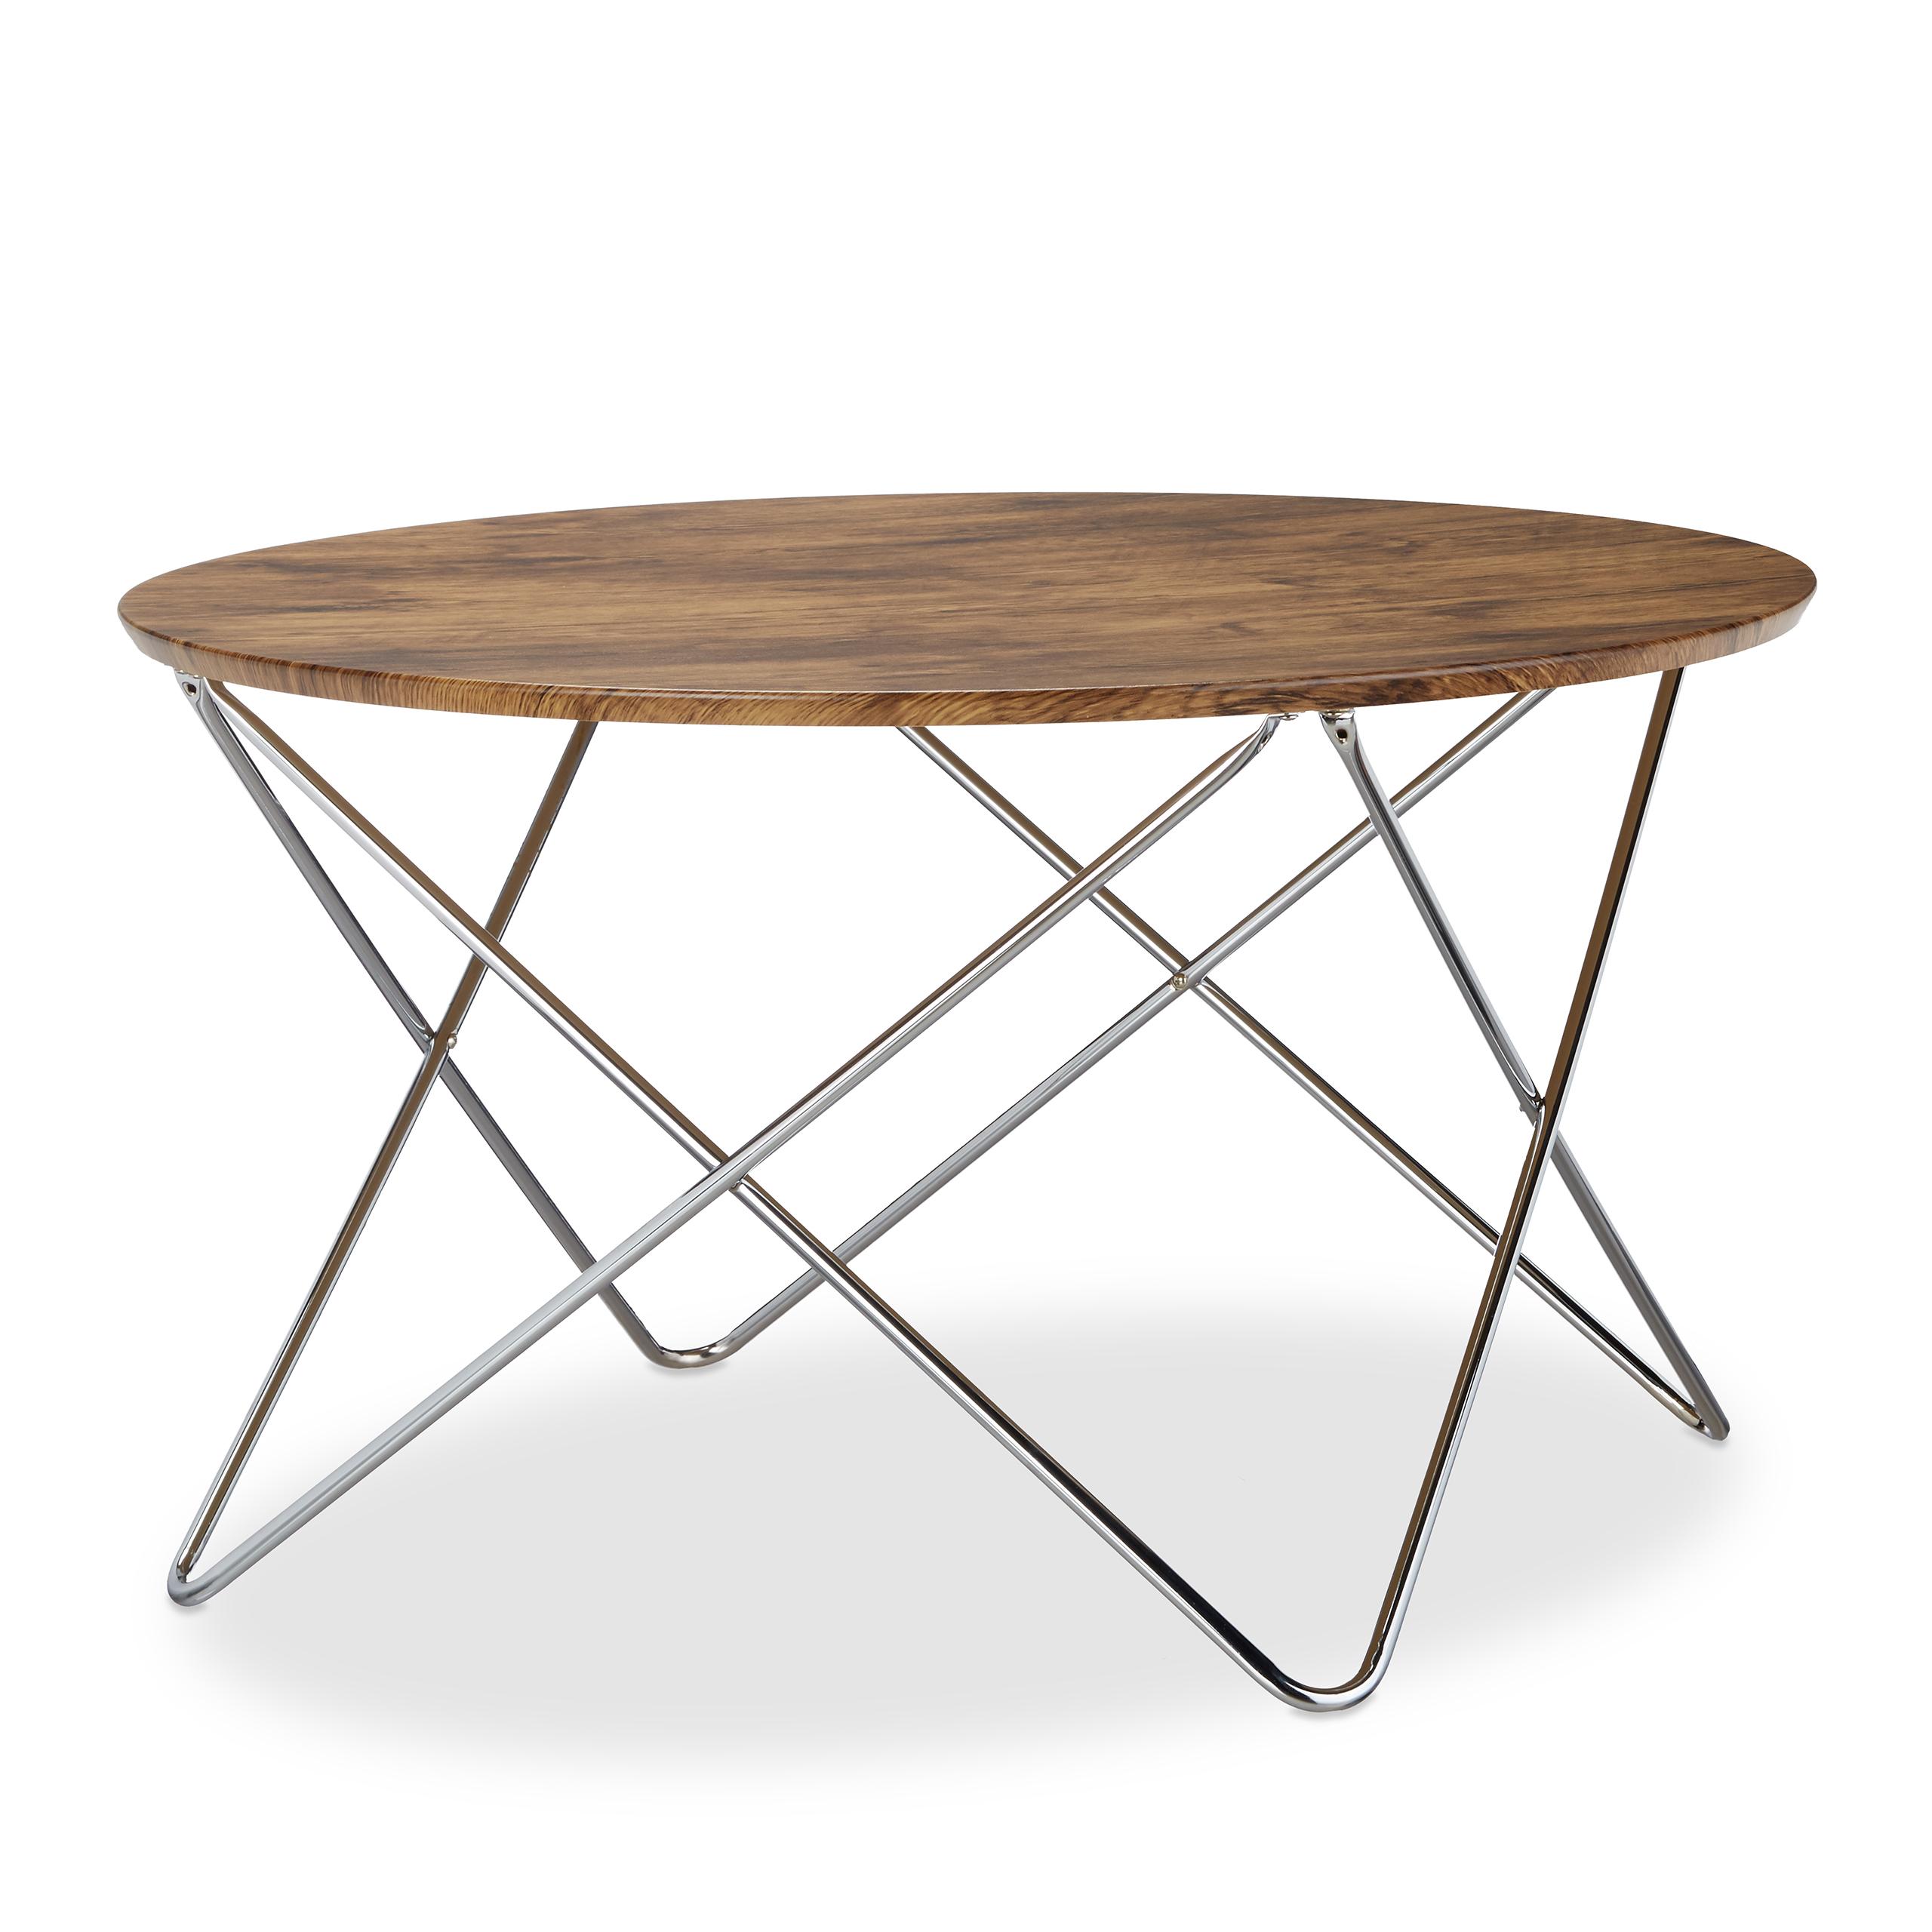 Details zu Beistelltisch rund Wohnzimmertisch Couchtisch Holz Vintage Look  Metallgestell